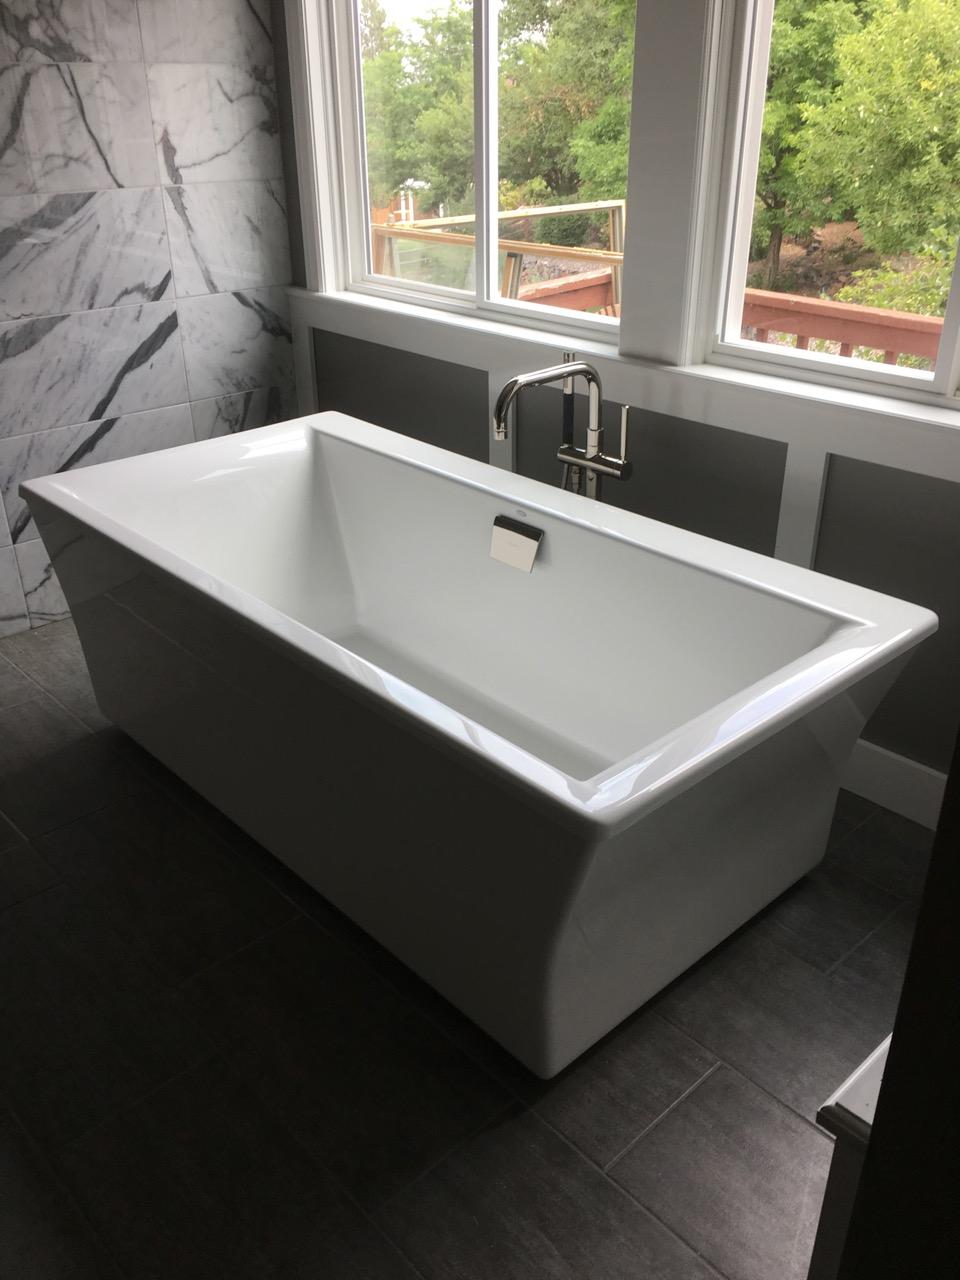 Kohler bathtub installation-img_1741.jpg